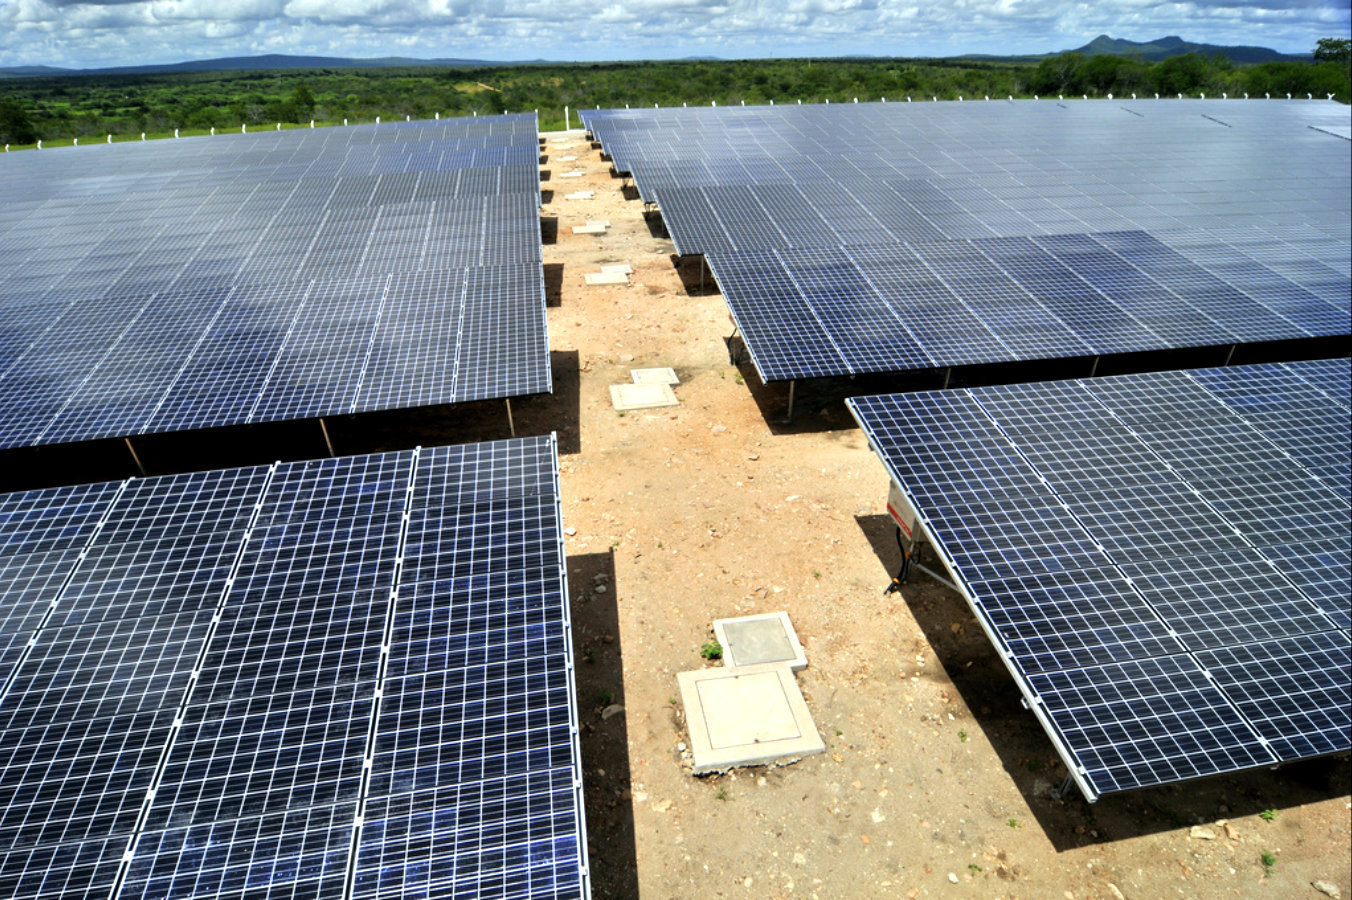 Painéis fotovoltaicos devem atender 13% das residências em 2050